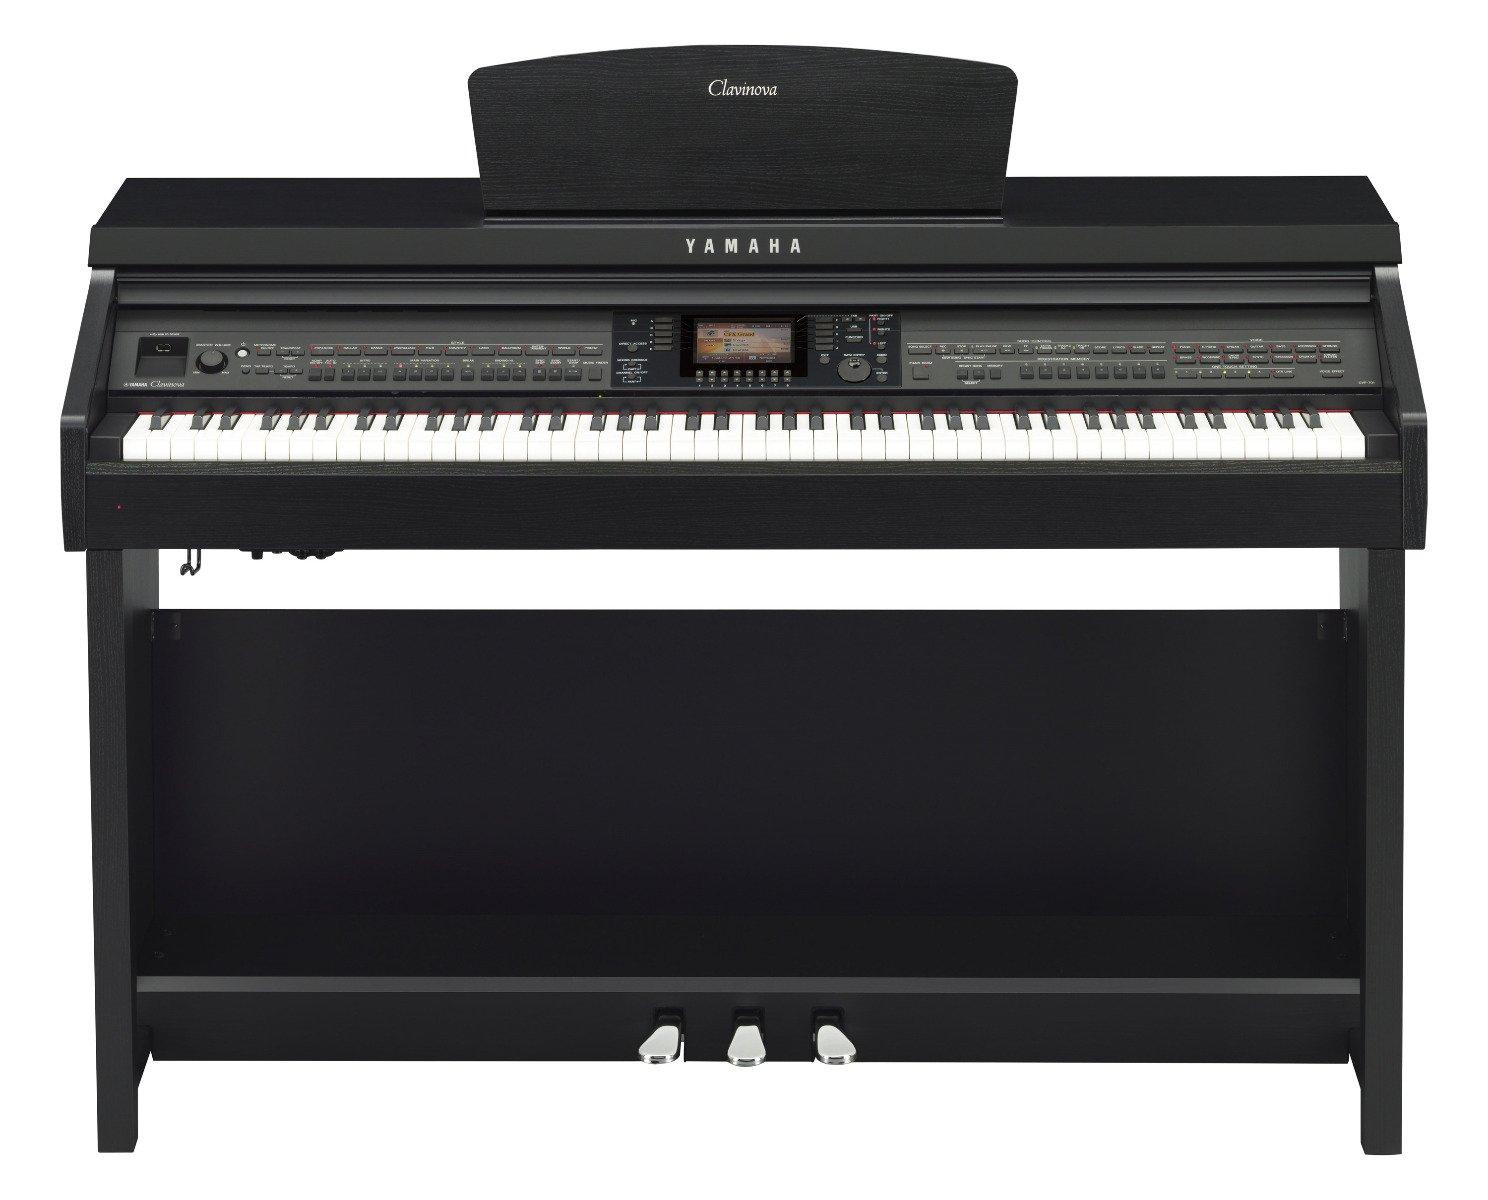 Yamaha Clavinova CVP701 Digital Piano